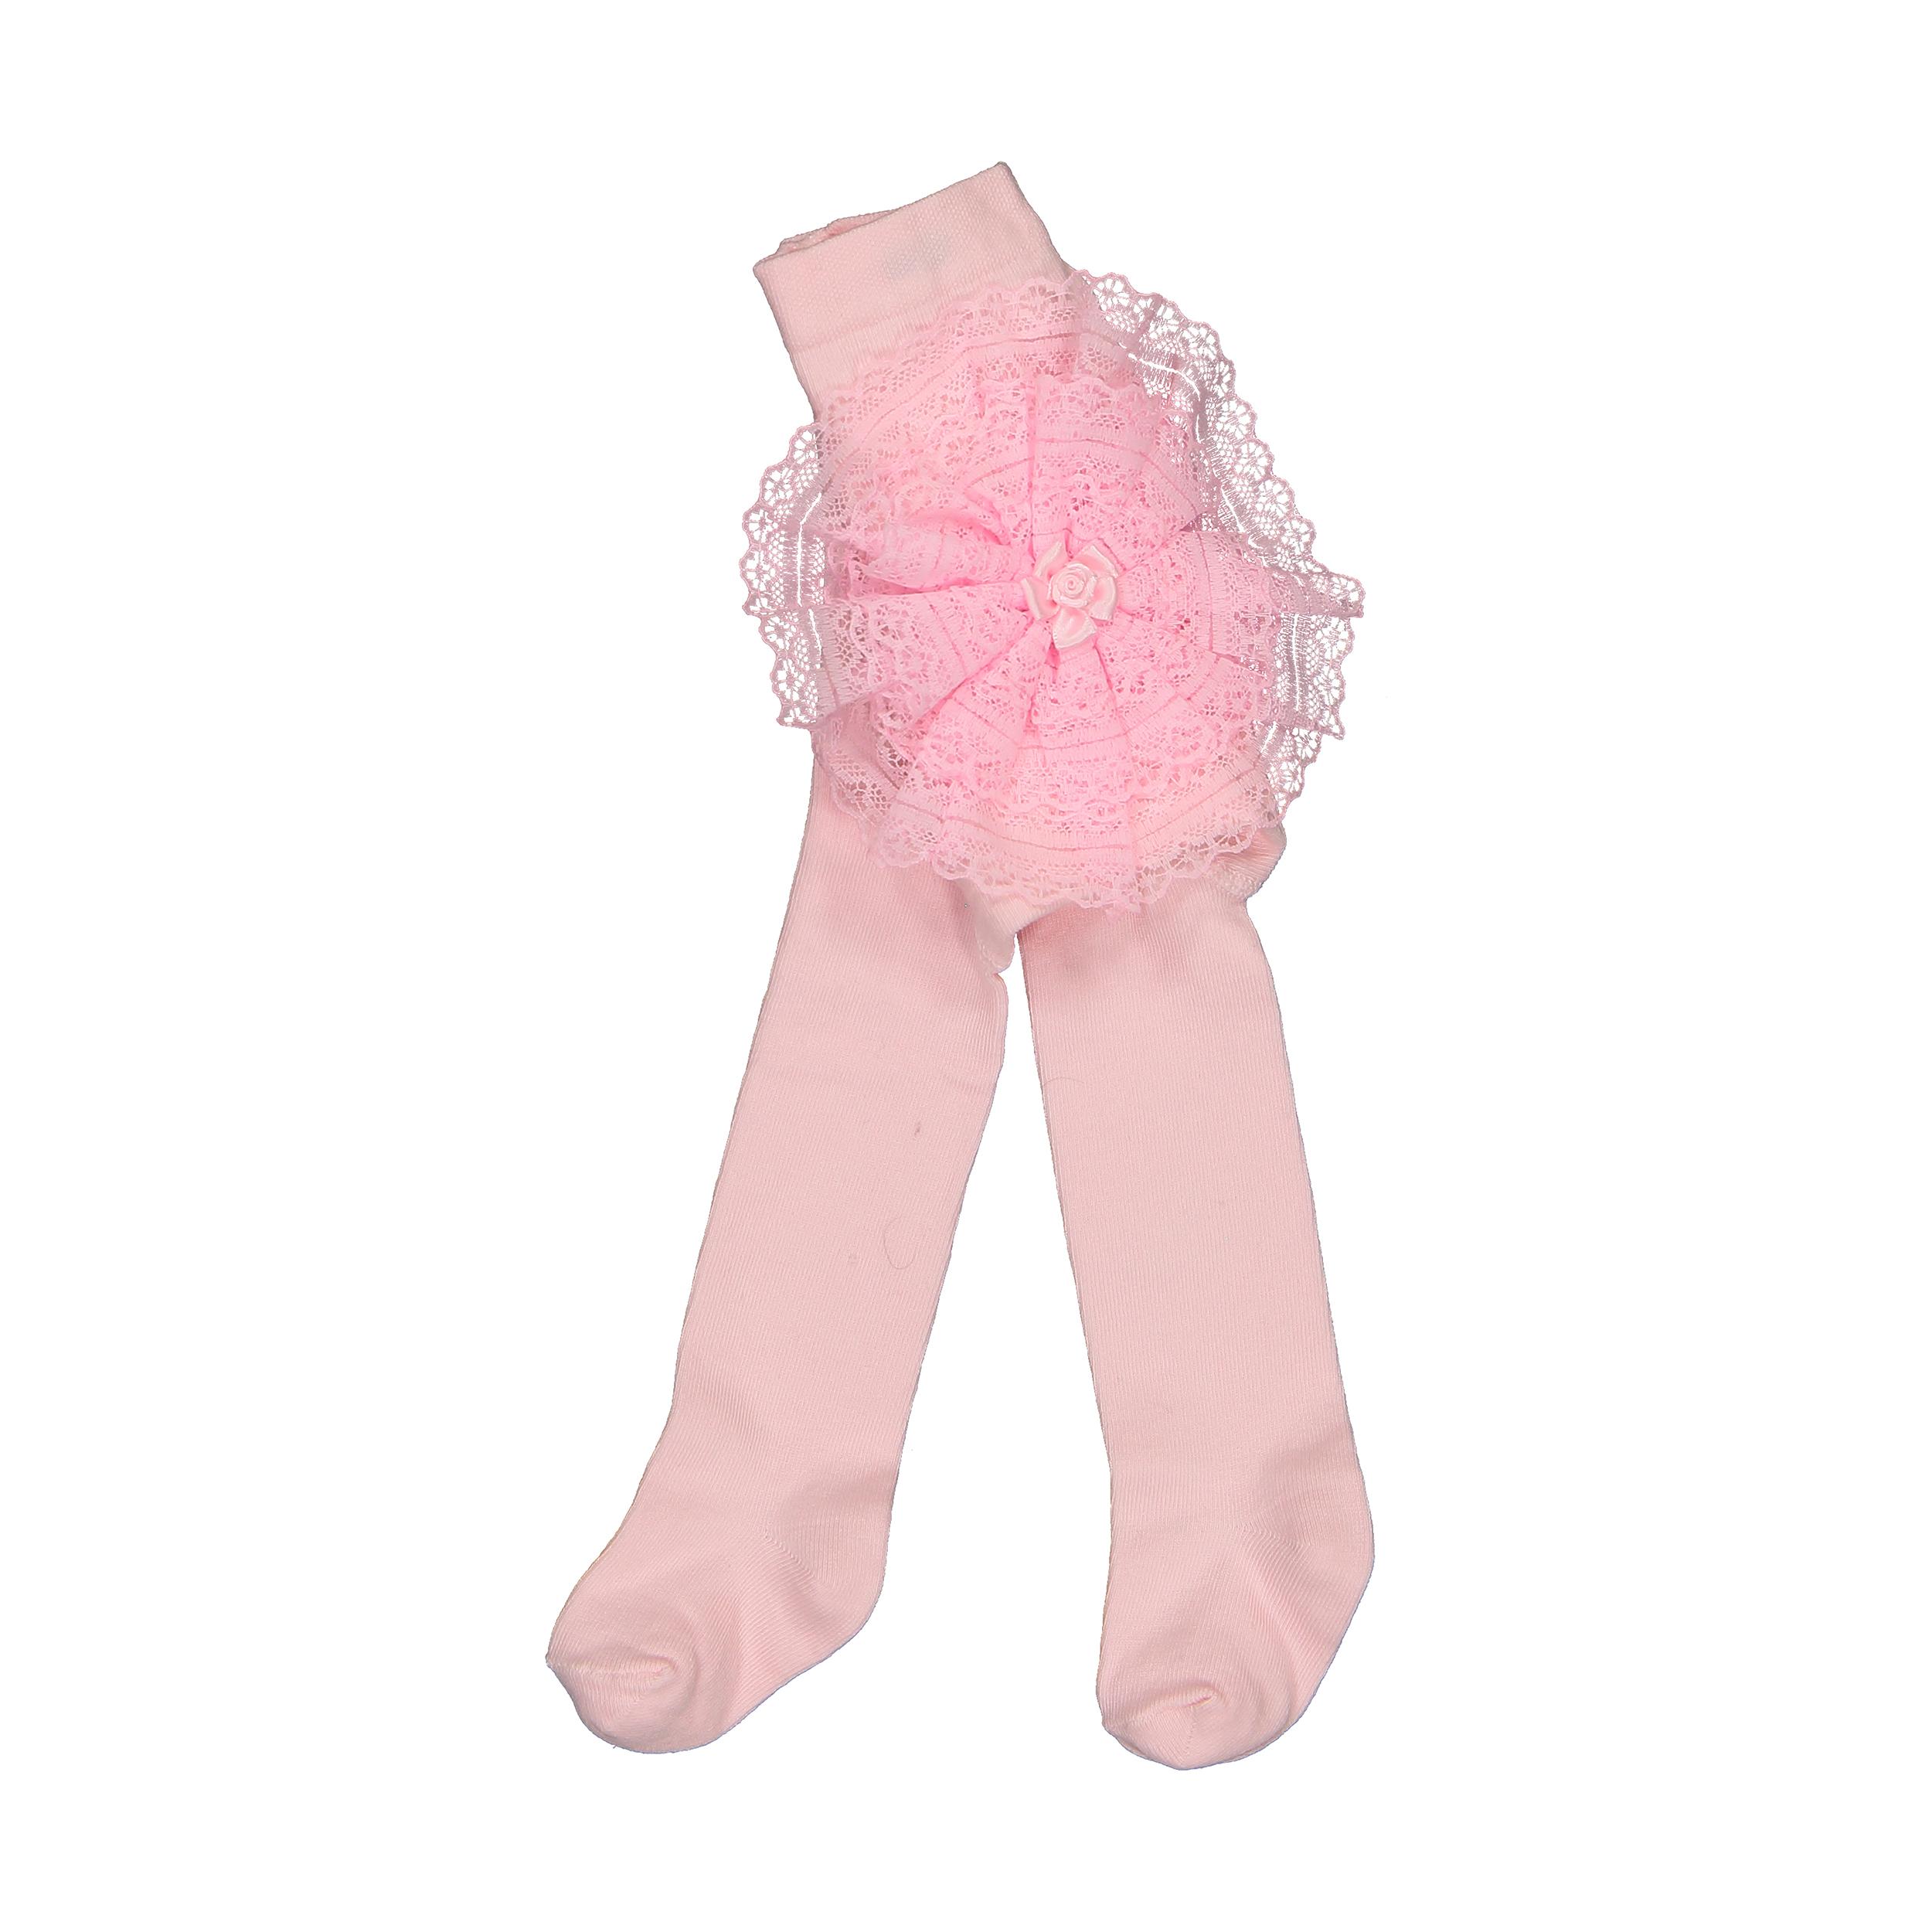 جوراب شلواری نوزادی دخترانه فیورلا کد 2012-6-3